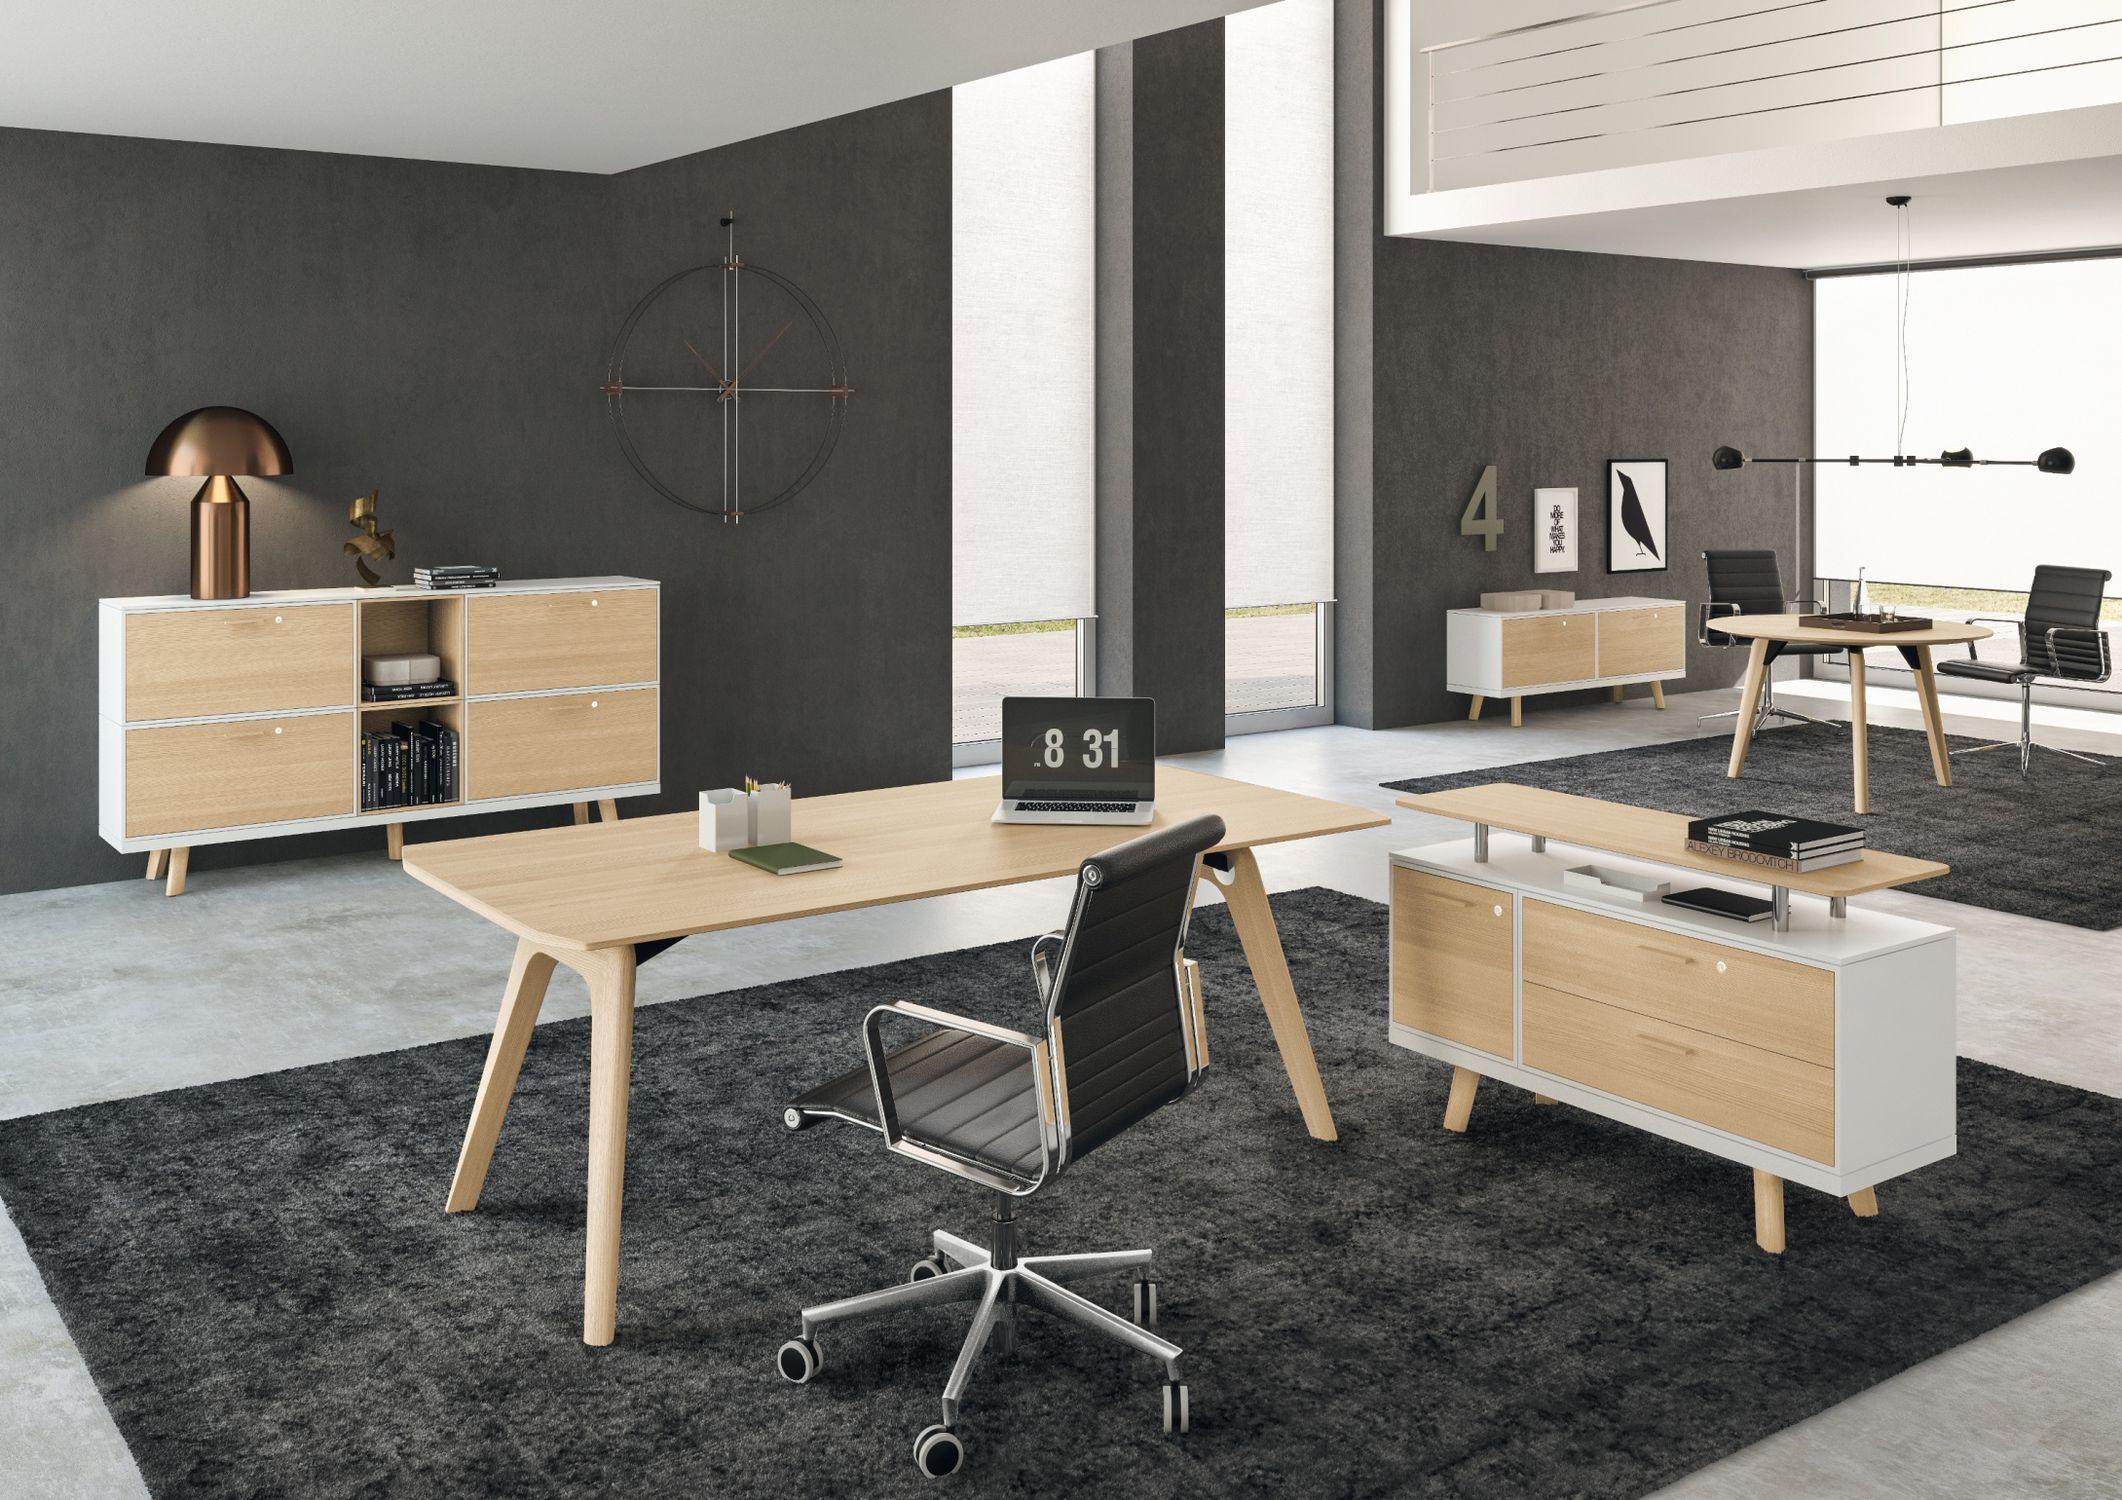 Favori Bureau de direction / en bois / en verre / contemporain - RAIL  DL51